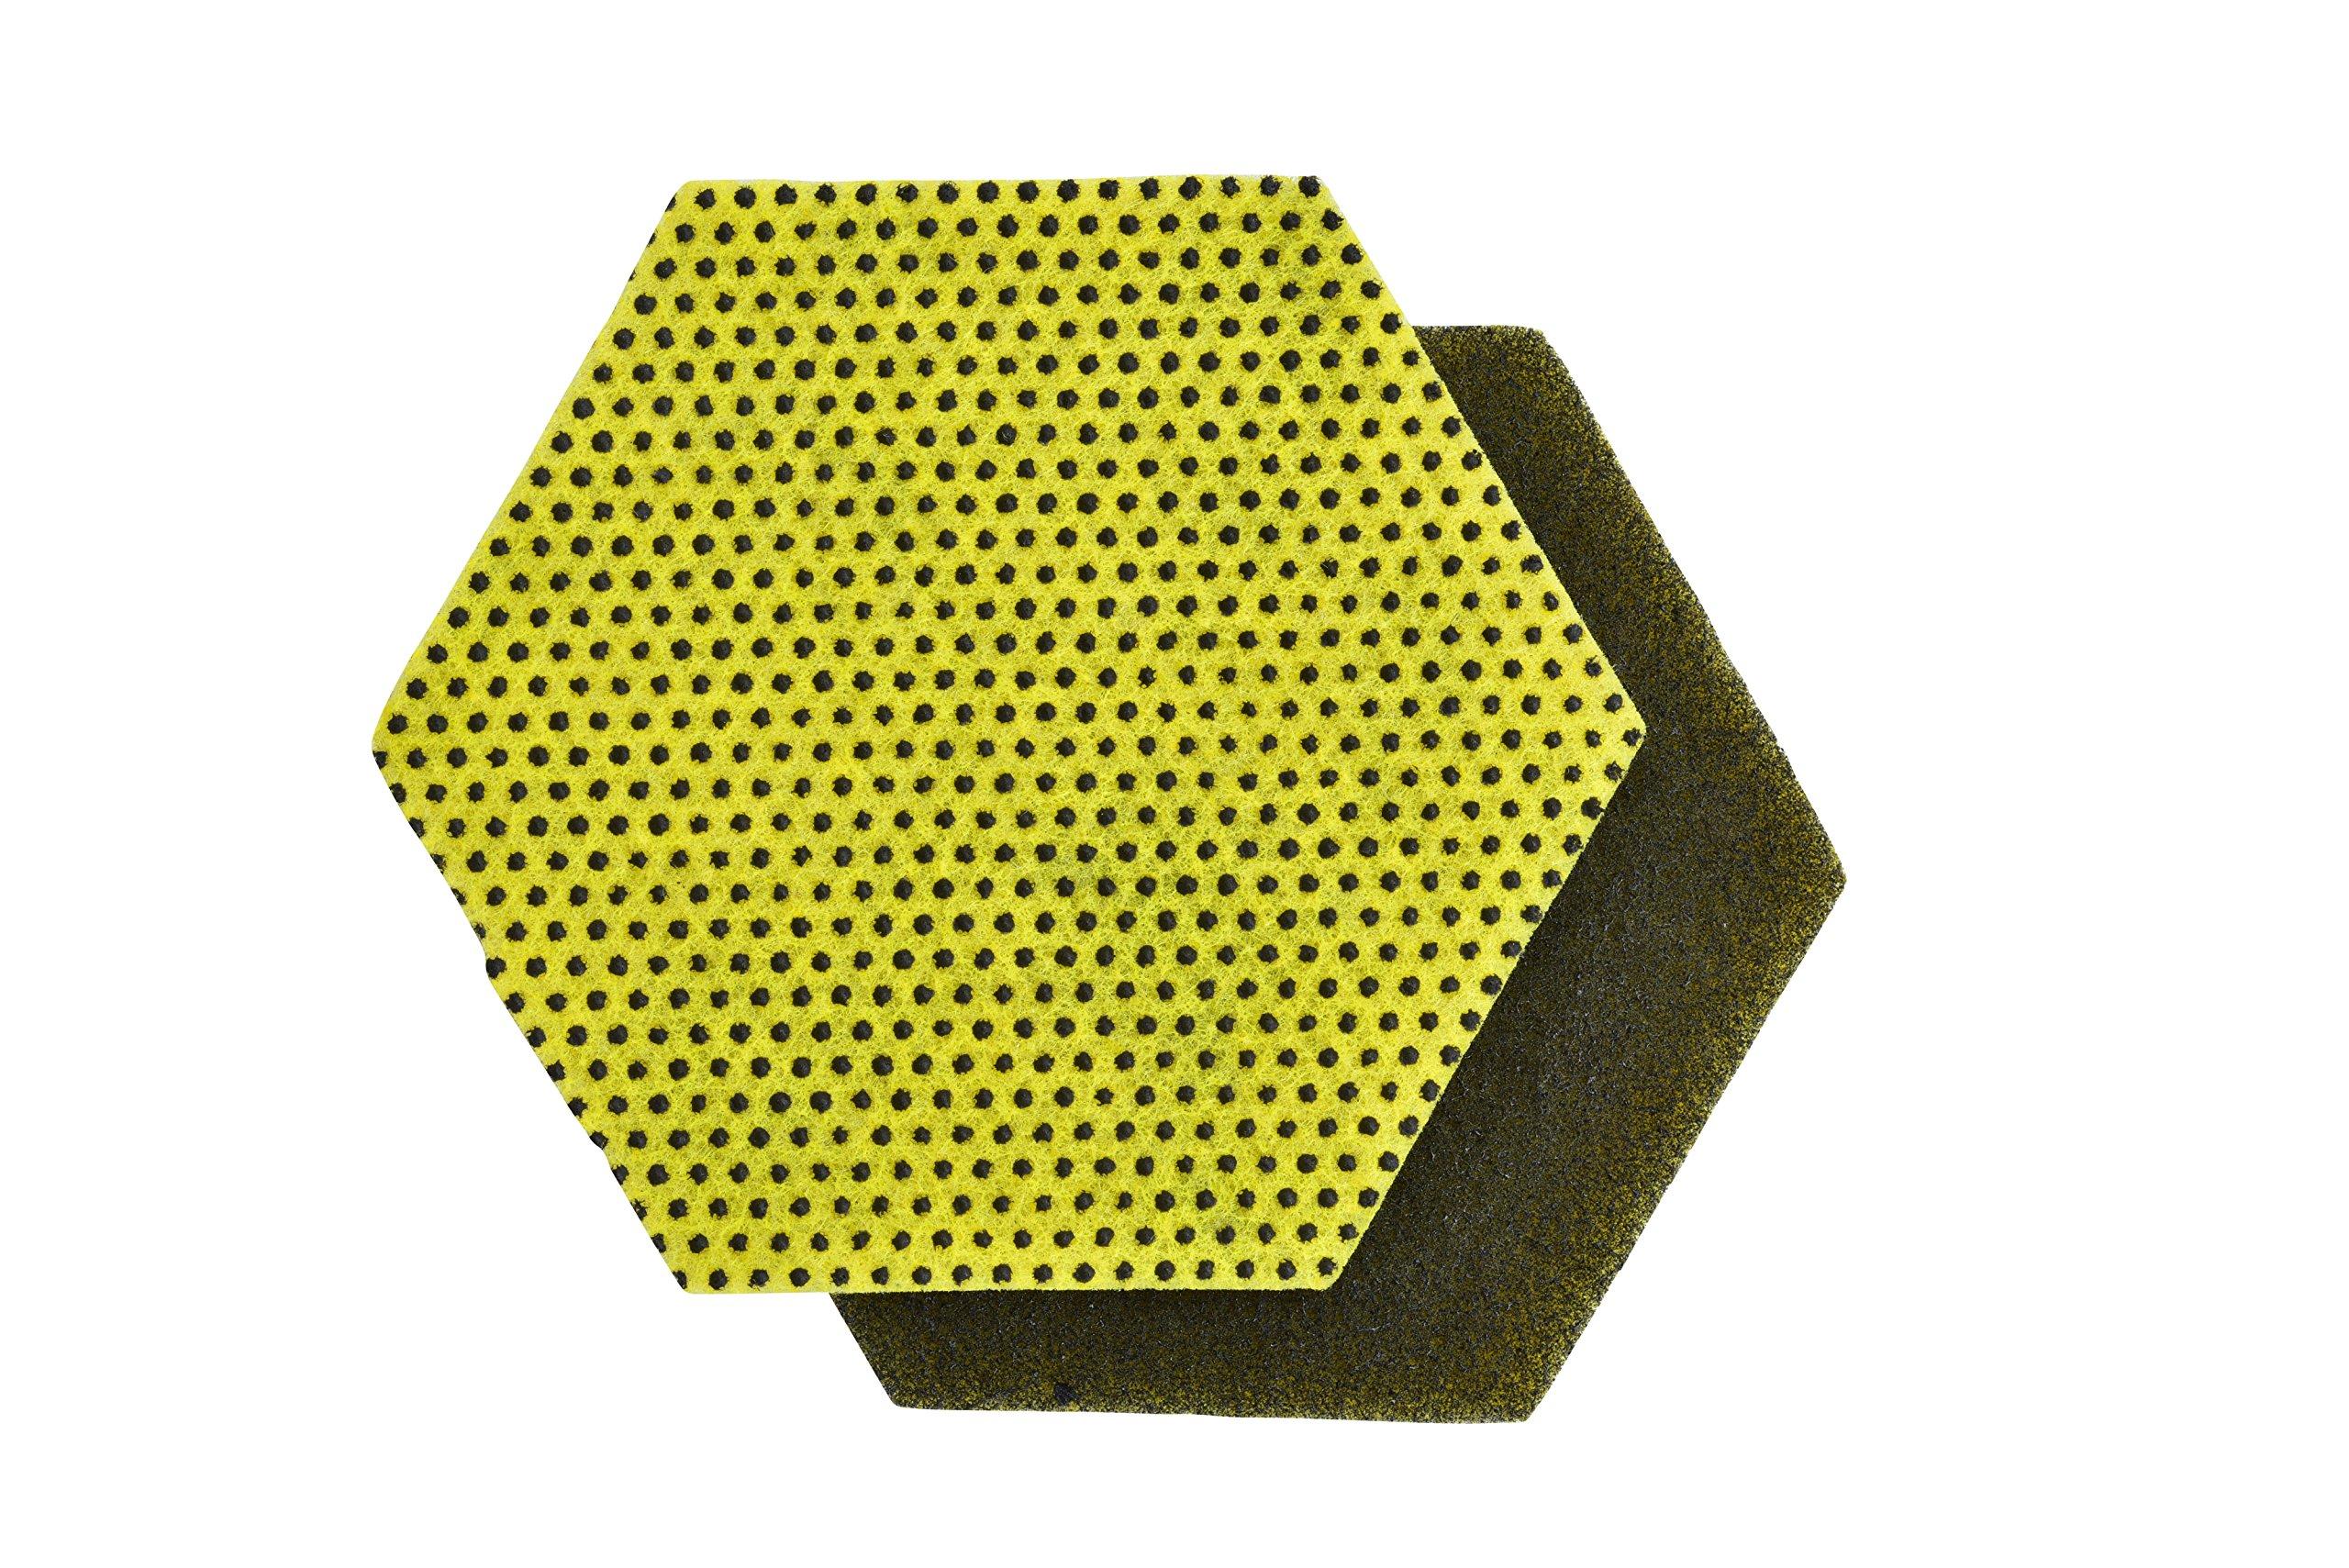 Scotch-Brite 85946 Dual Purpose Scour Pad 96HEX (Pack of 15) by Scotch-Brite (Image #1)